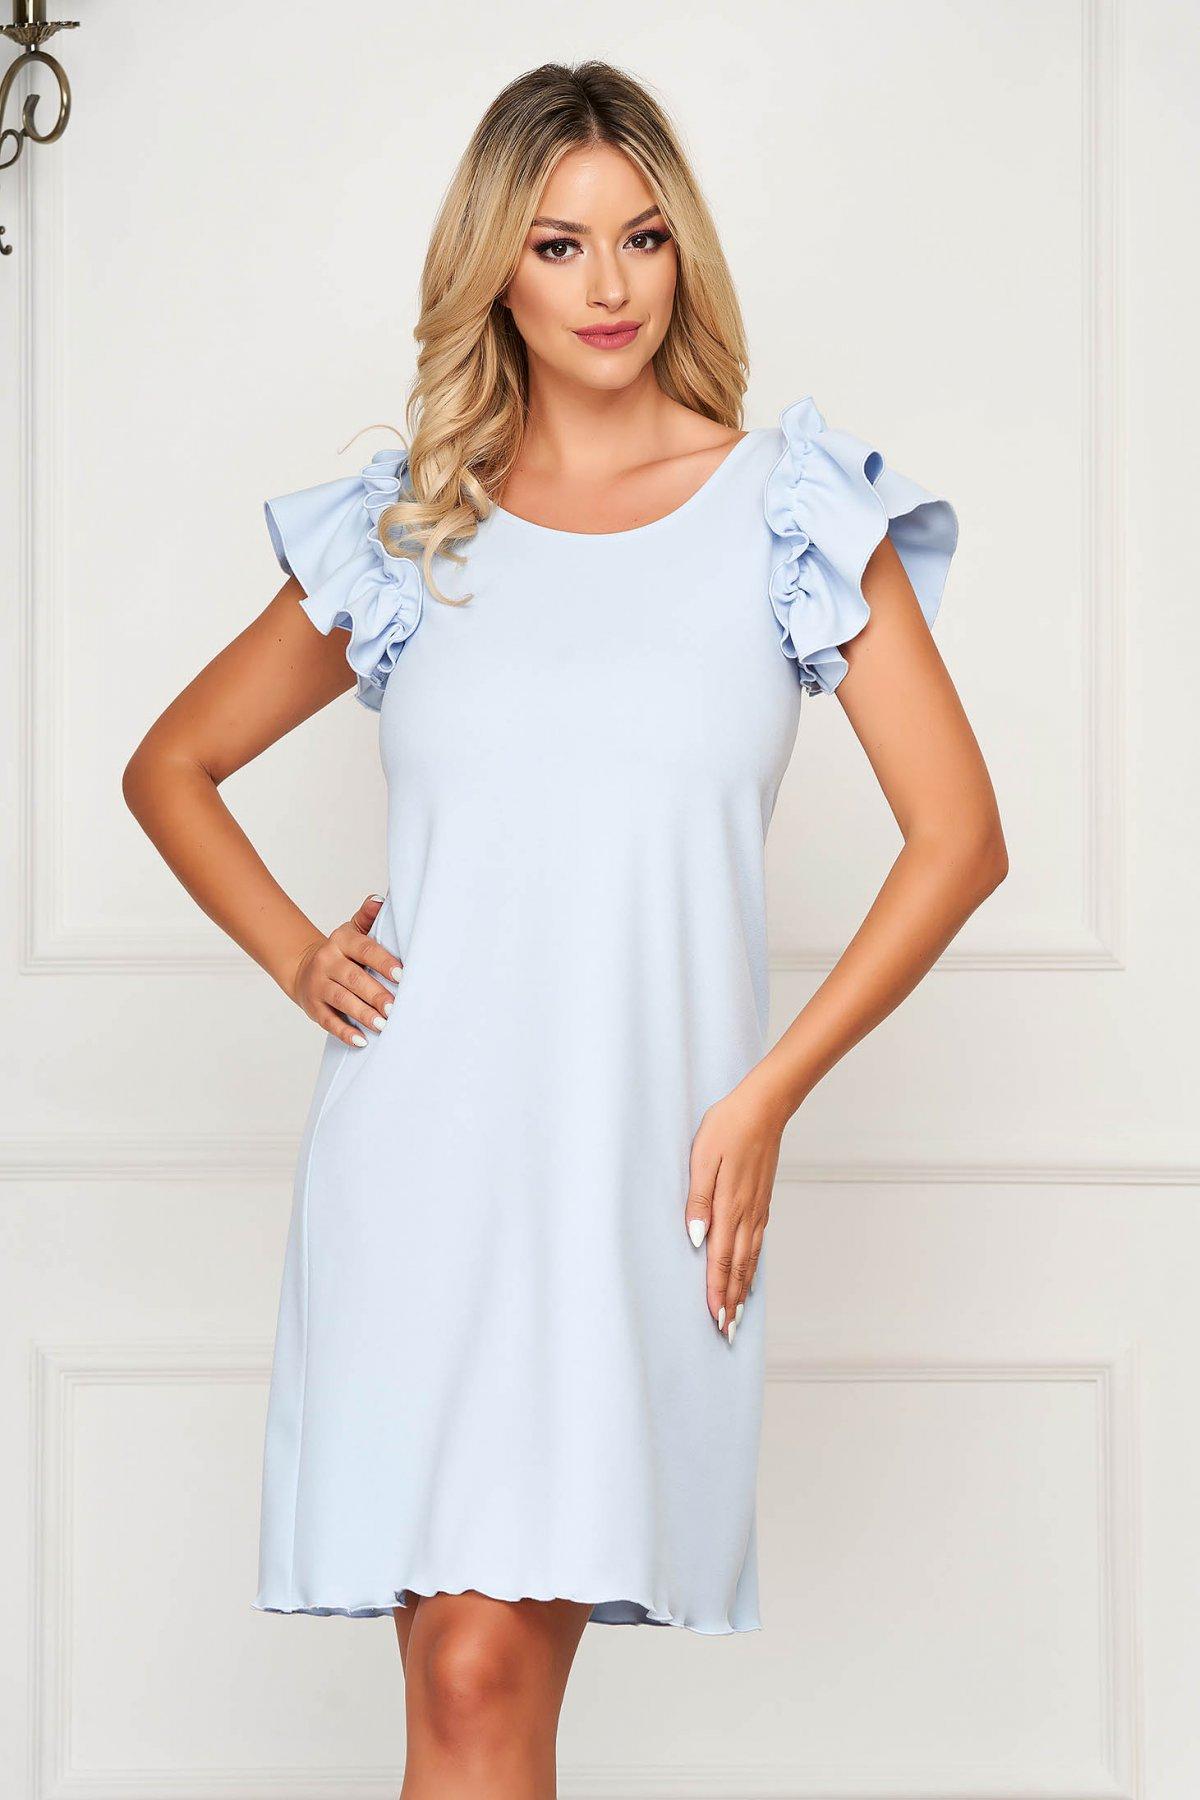 Rochie albastru-deschis scurta de zi cu croi larg cu volanase la maneca